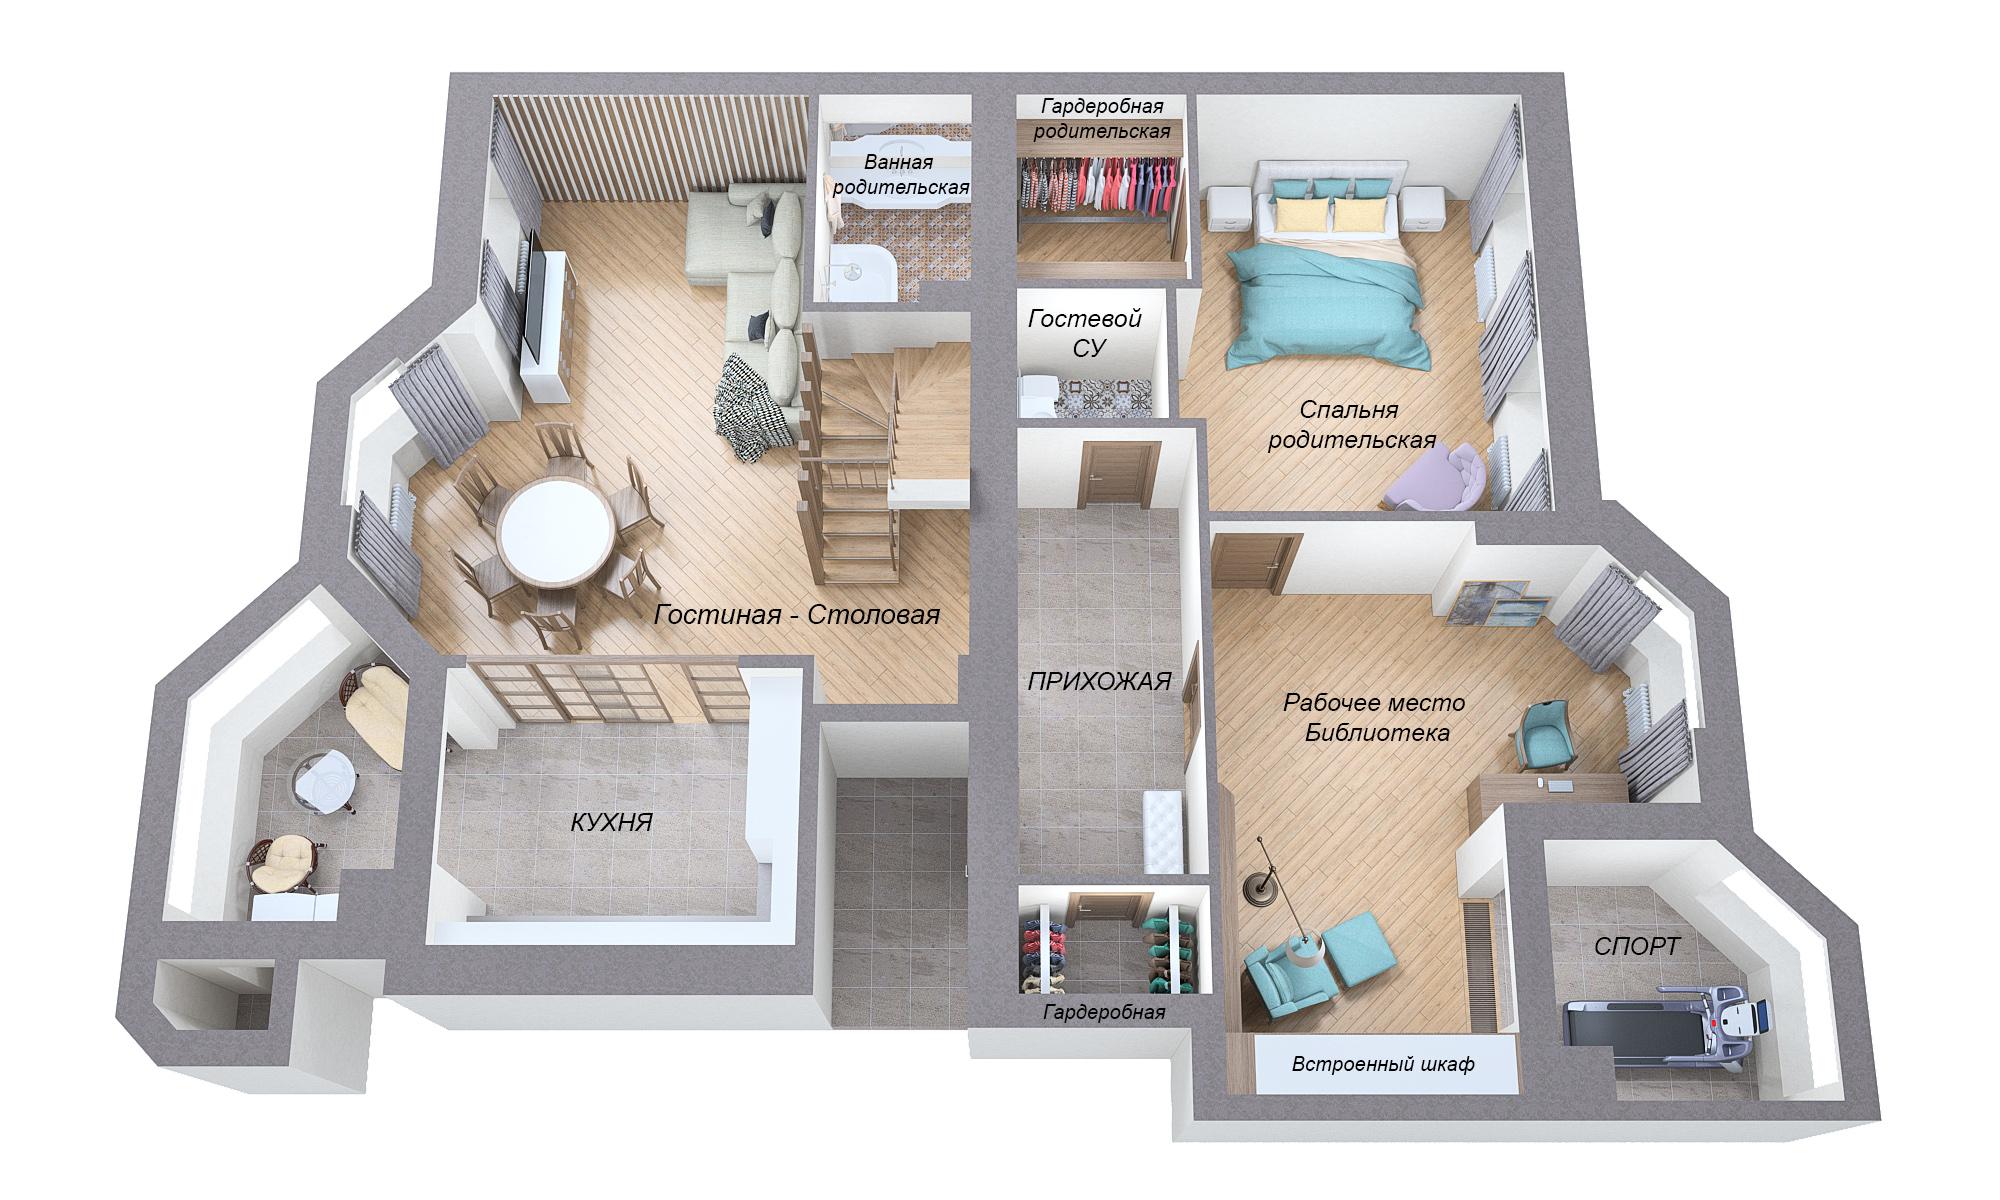 Объединение + планировка квартиры (~260 кв.м.) фото f_7785a5266c5d565d.jpg